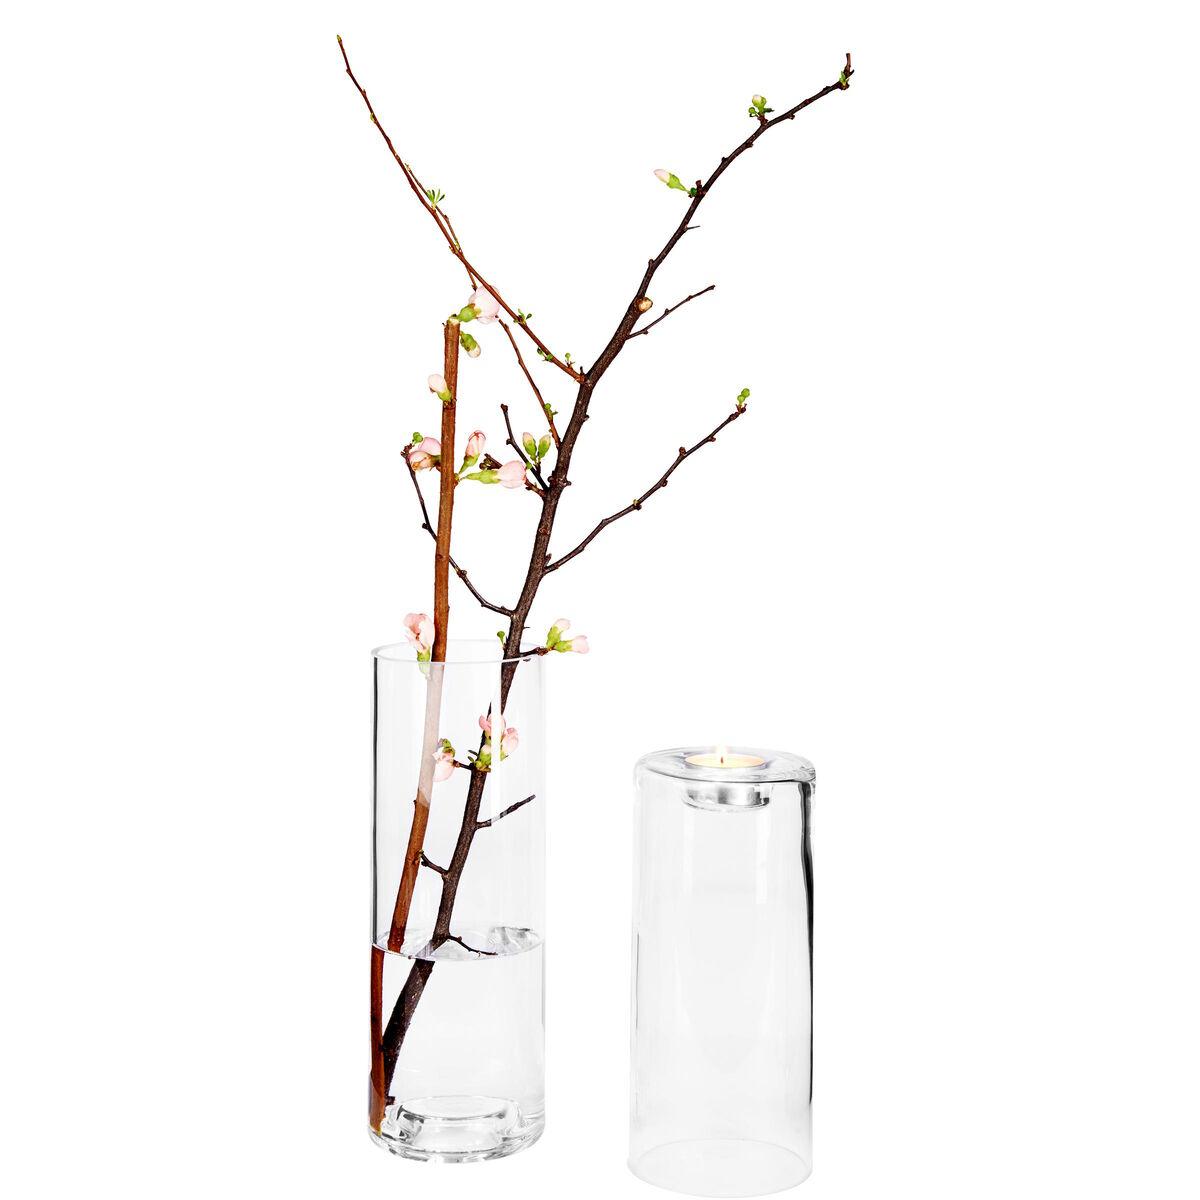 DUO Teelichthalter/Vase 20cm